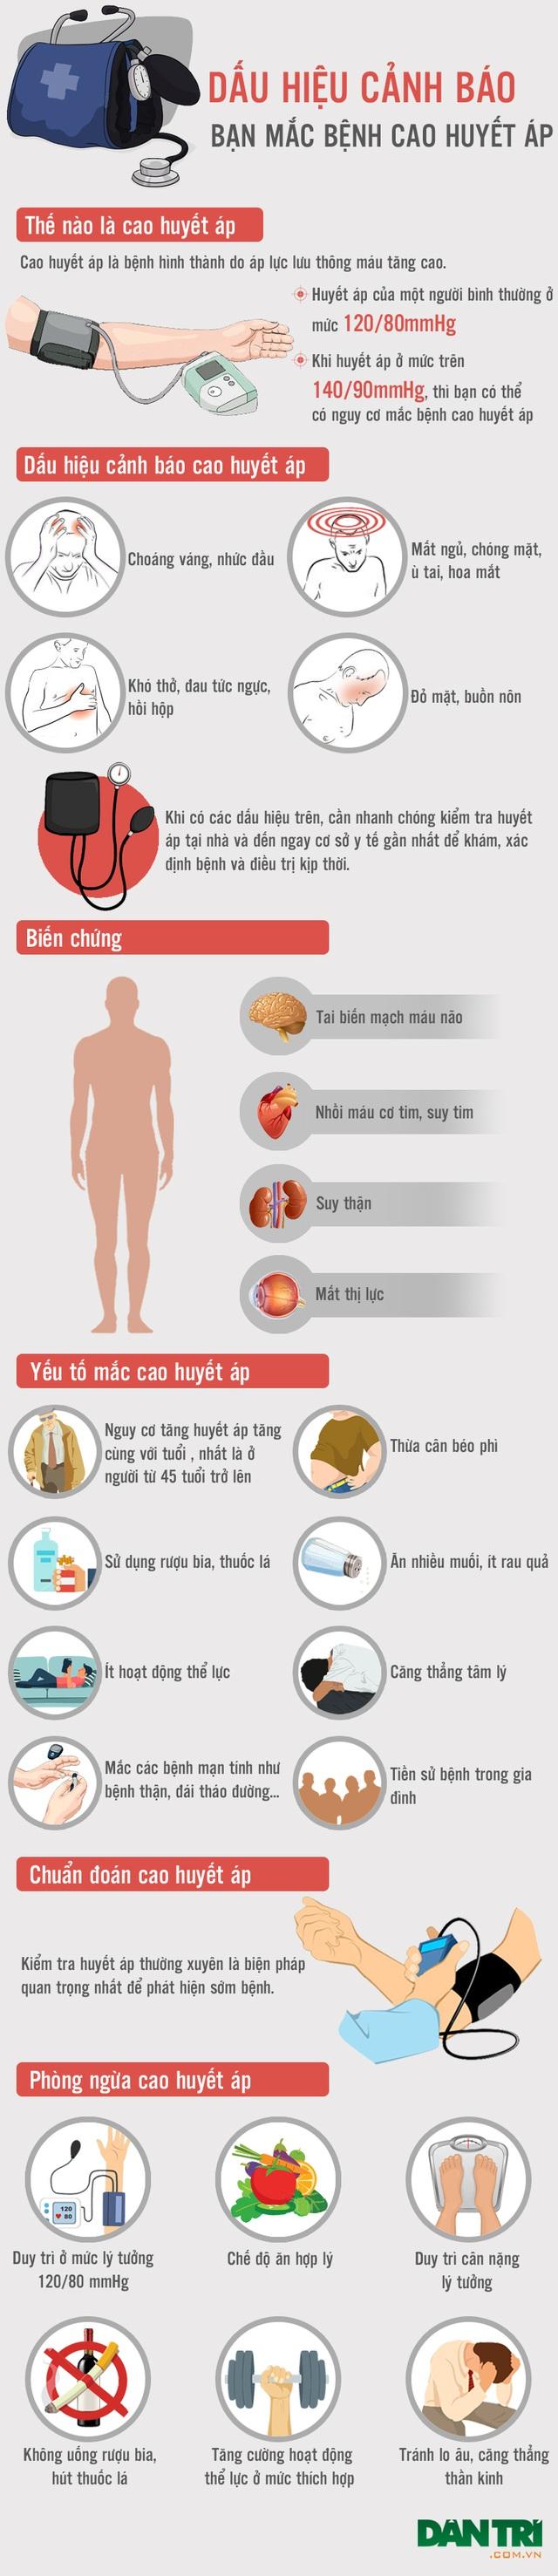 [Inforgraphics]: Dấu hiệu cảnh báo nguy cơ cao huyết áp - 1